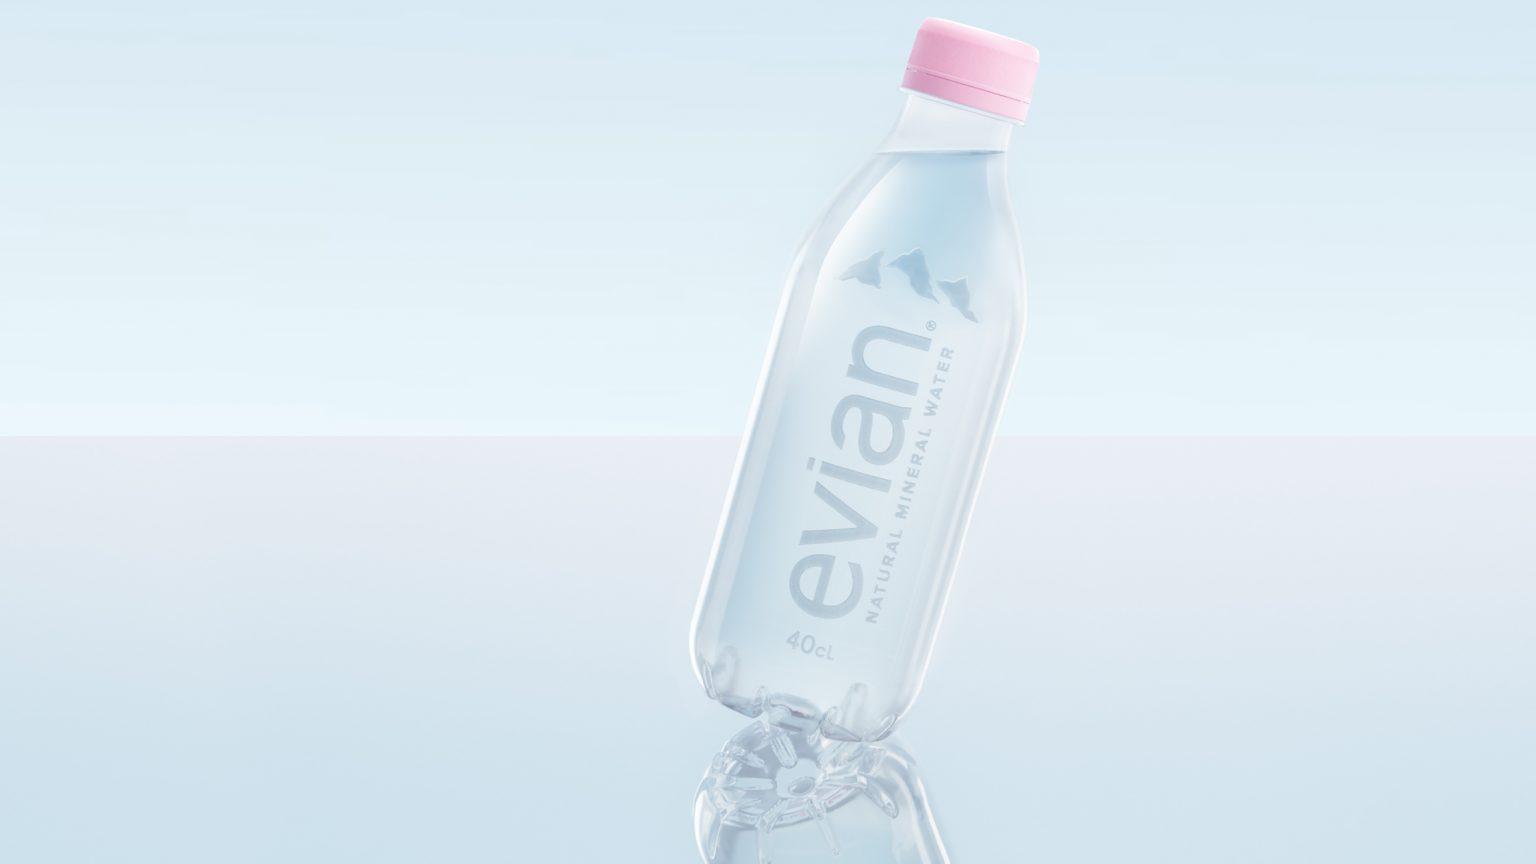 Evian lança garrafa de água feita com plástico reciclado